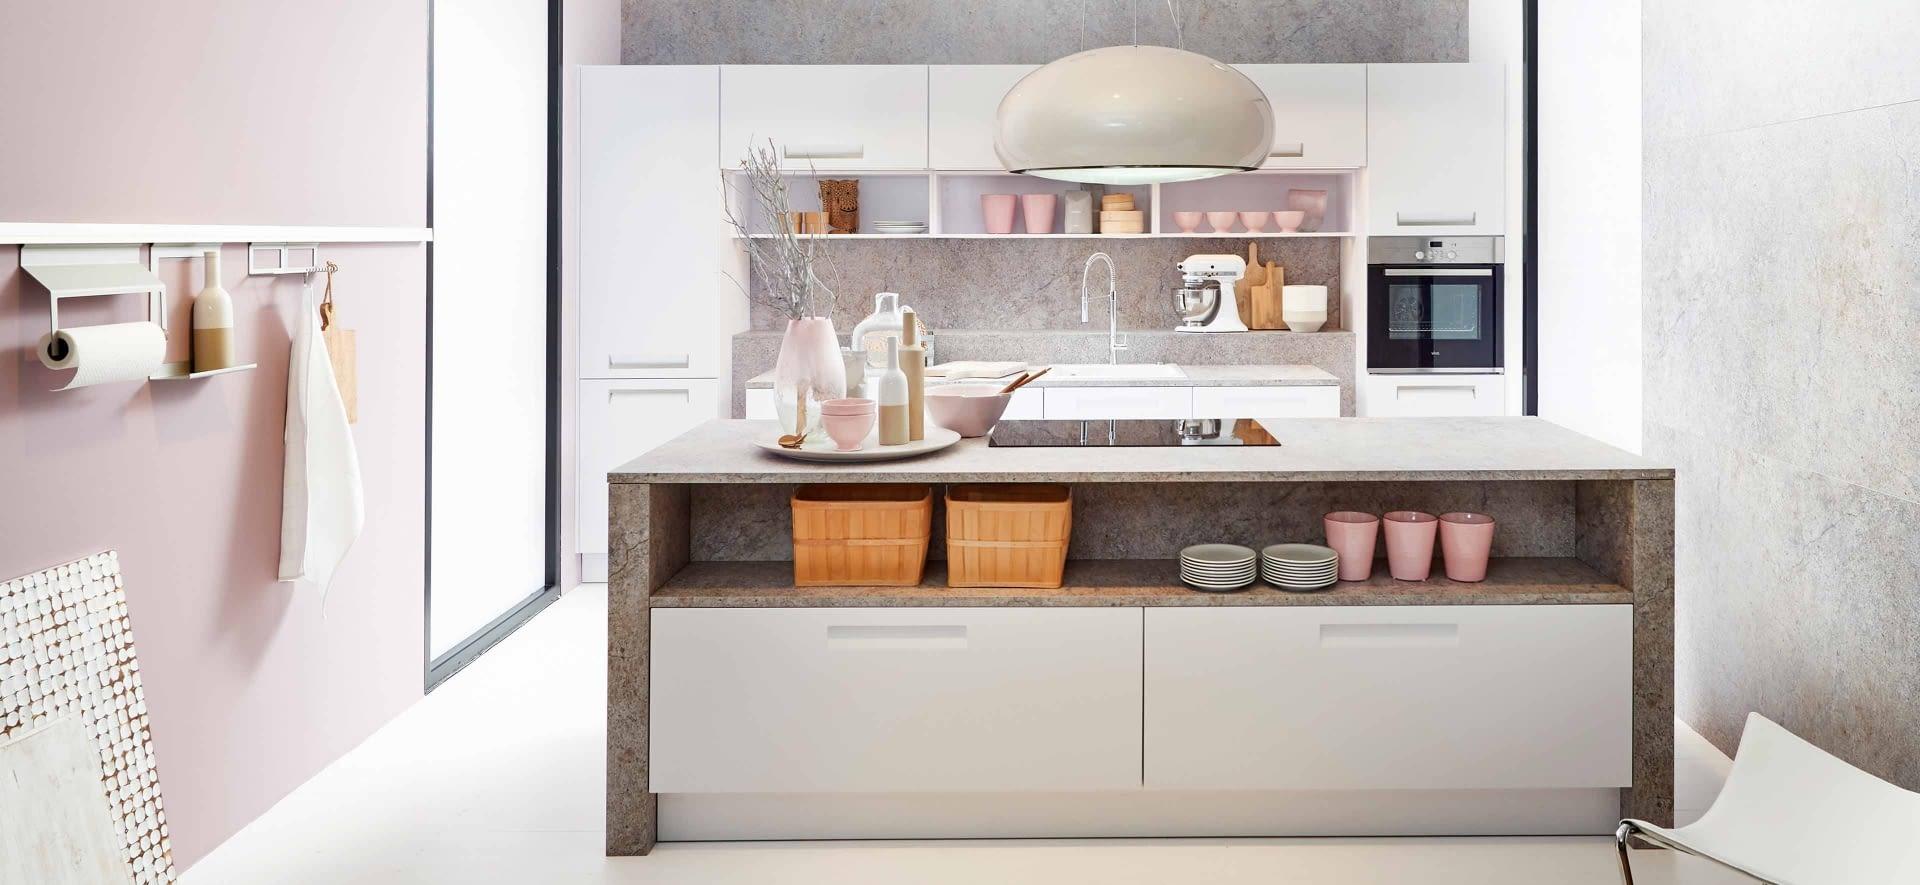 Laminat Arbeitsplatten - Marquardt Küchen